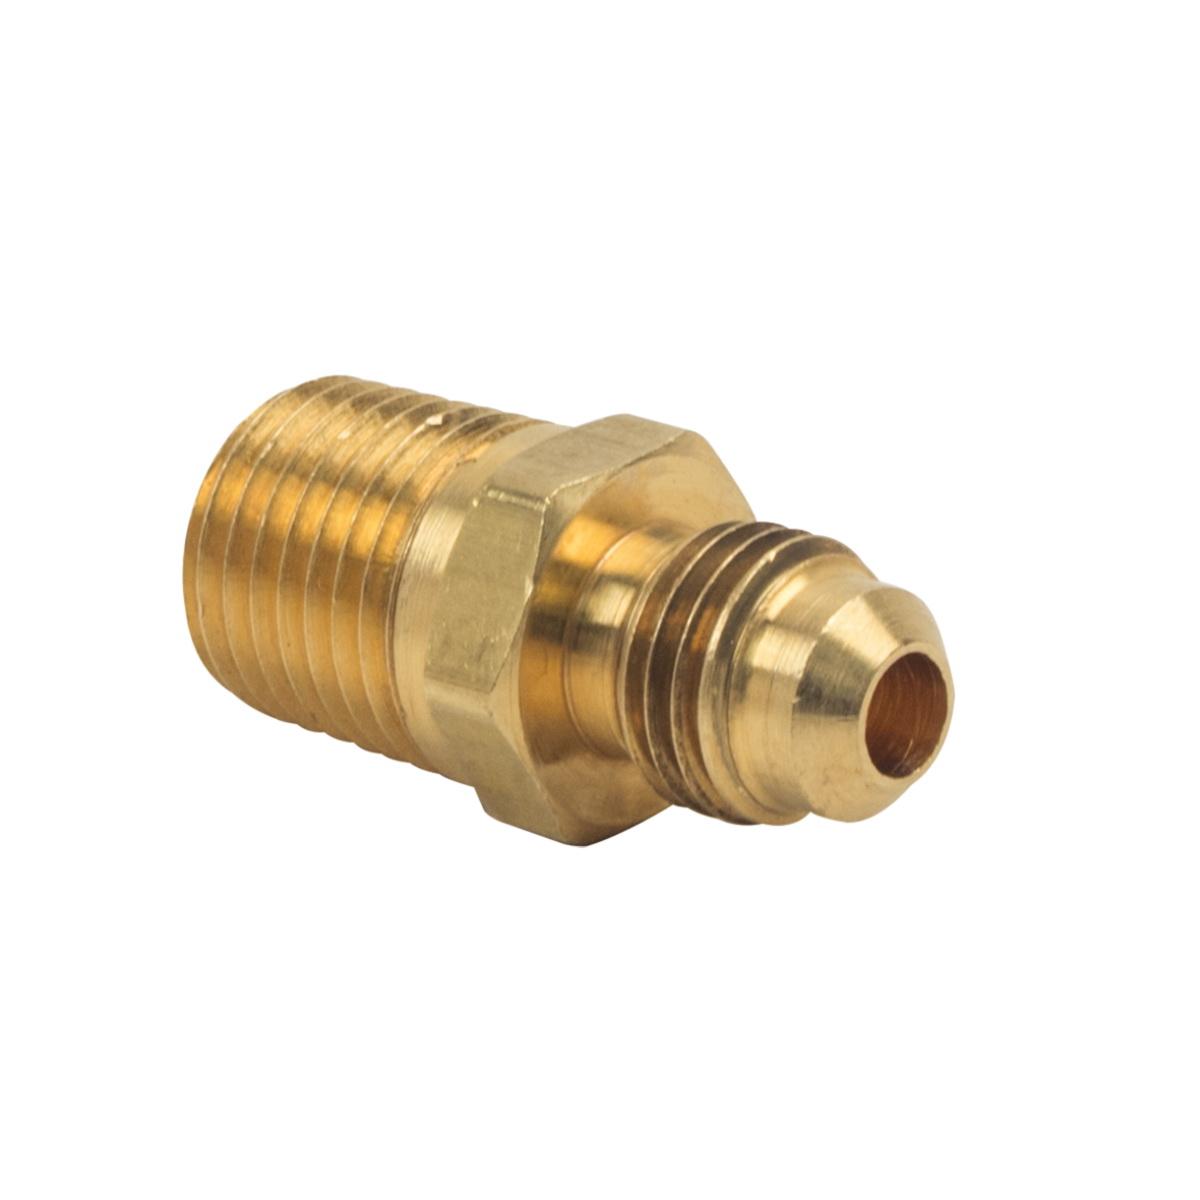 BrassCraft® 48-4-4 Rough Brass Adapter, 1/4 in, Flare x MIP